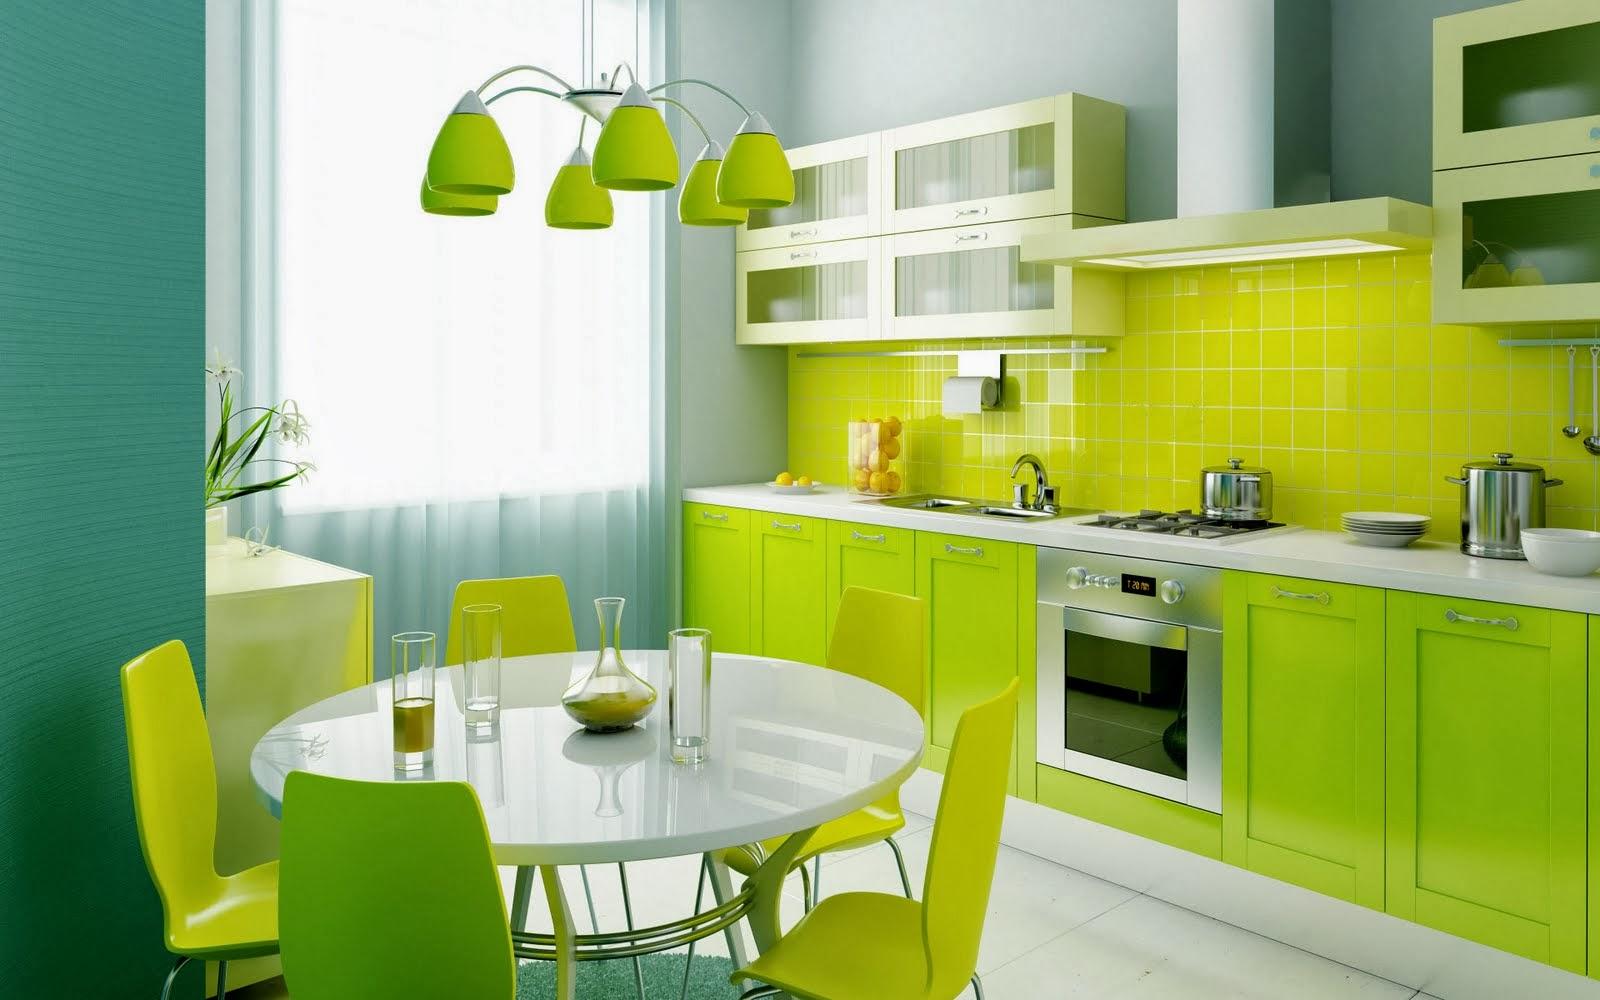 1 Dapur Hijau Ketenangan Semasa Memasak Dapat Direalisasikan Dengan Minimalis Ini